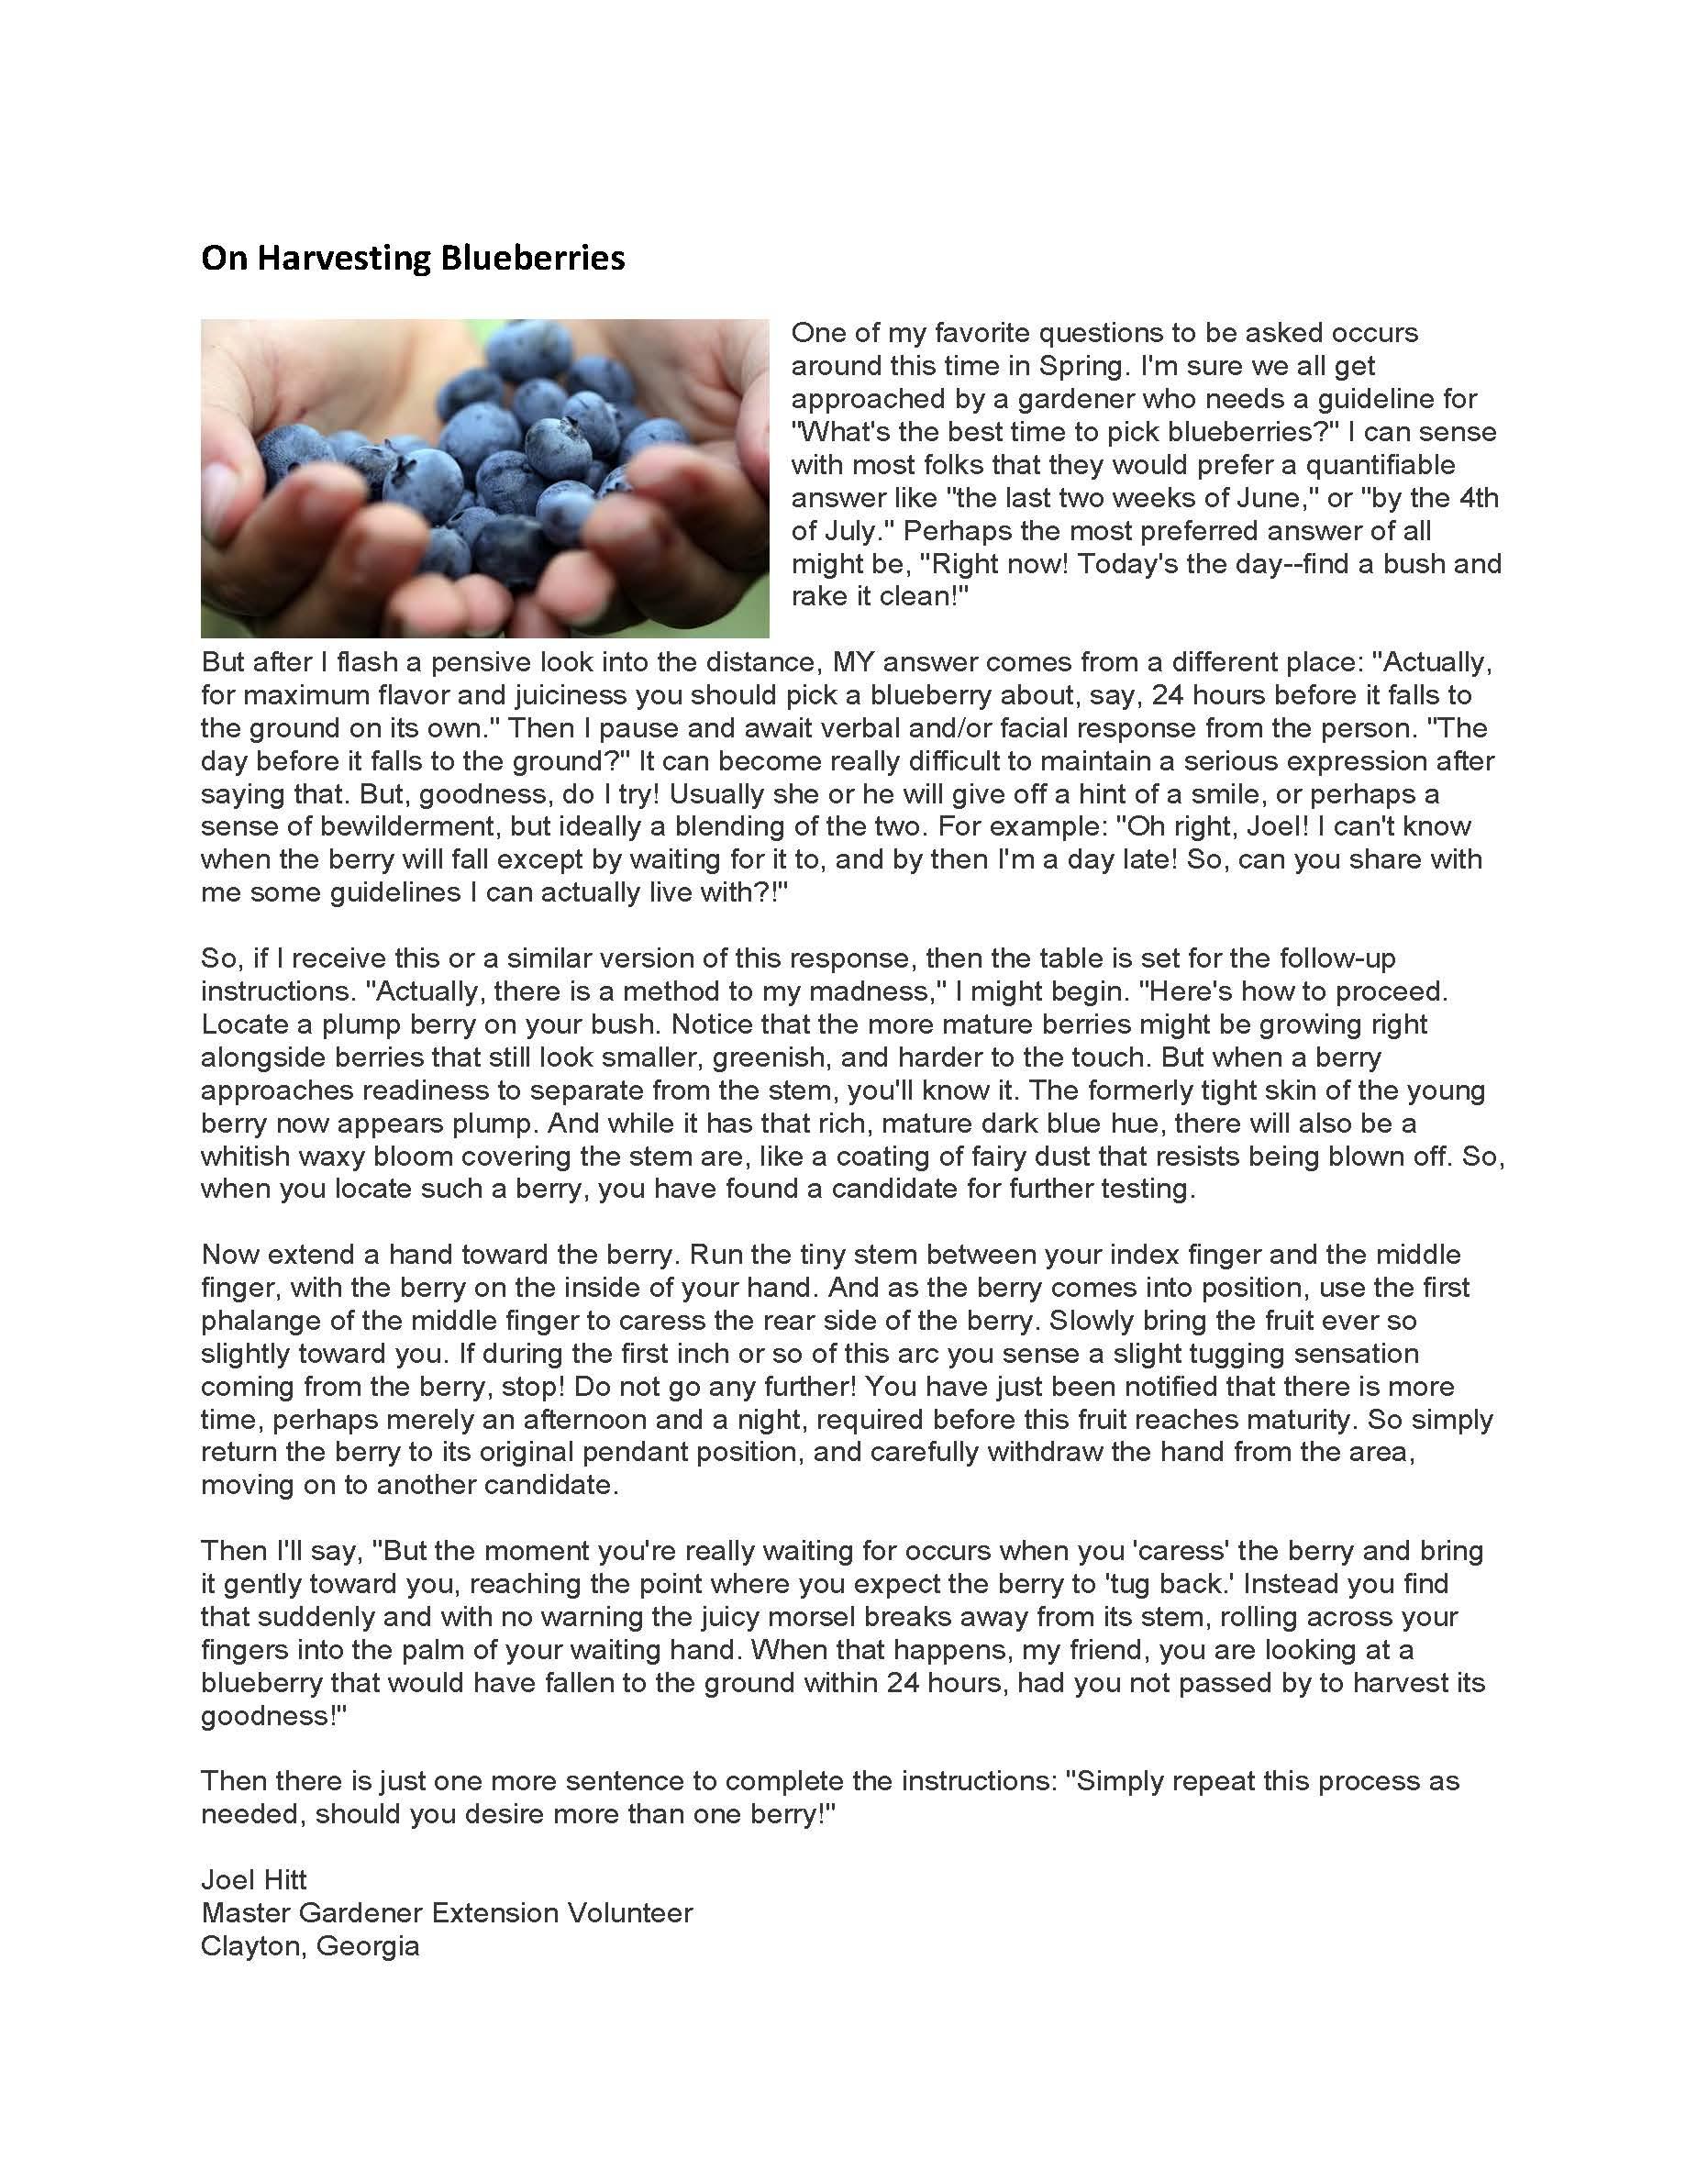 On Harvesting Blueberries  WebHitt.jpg